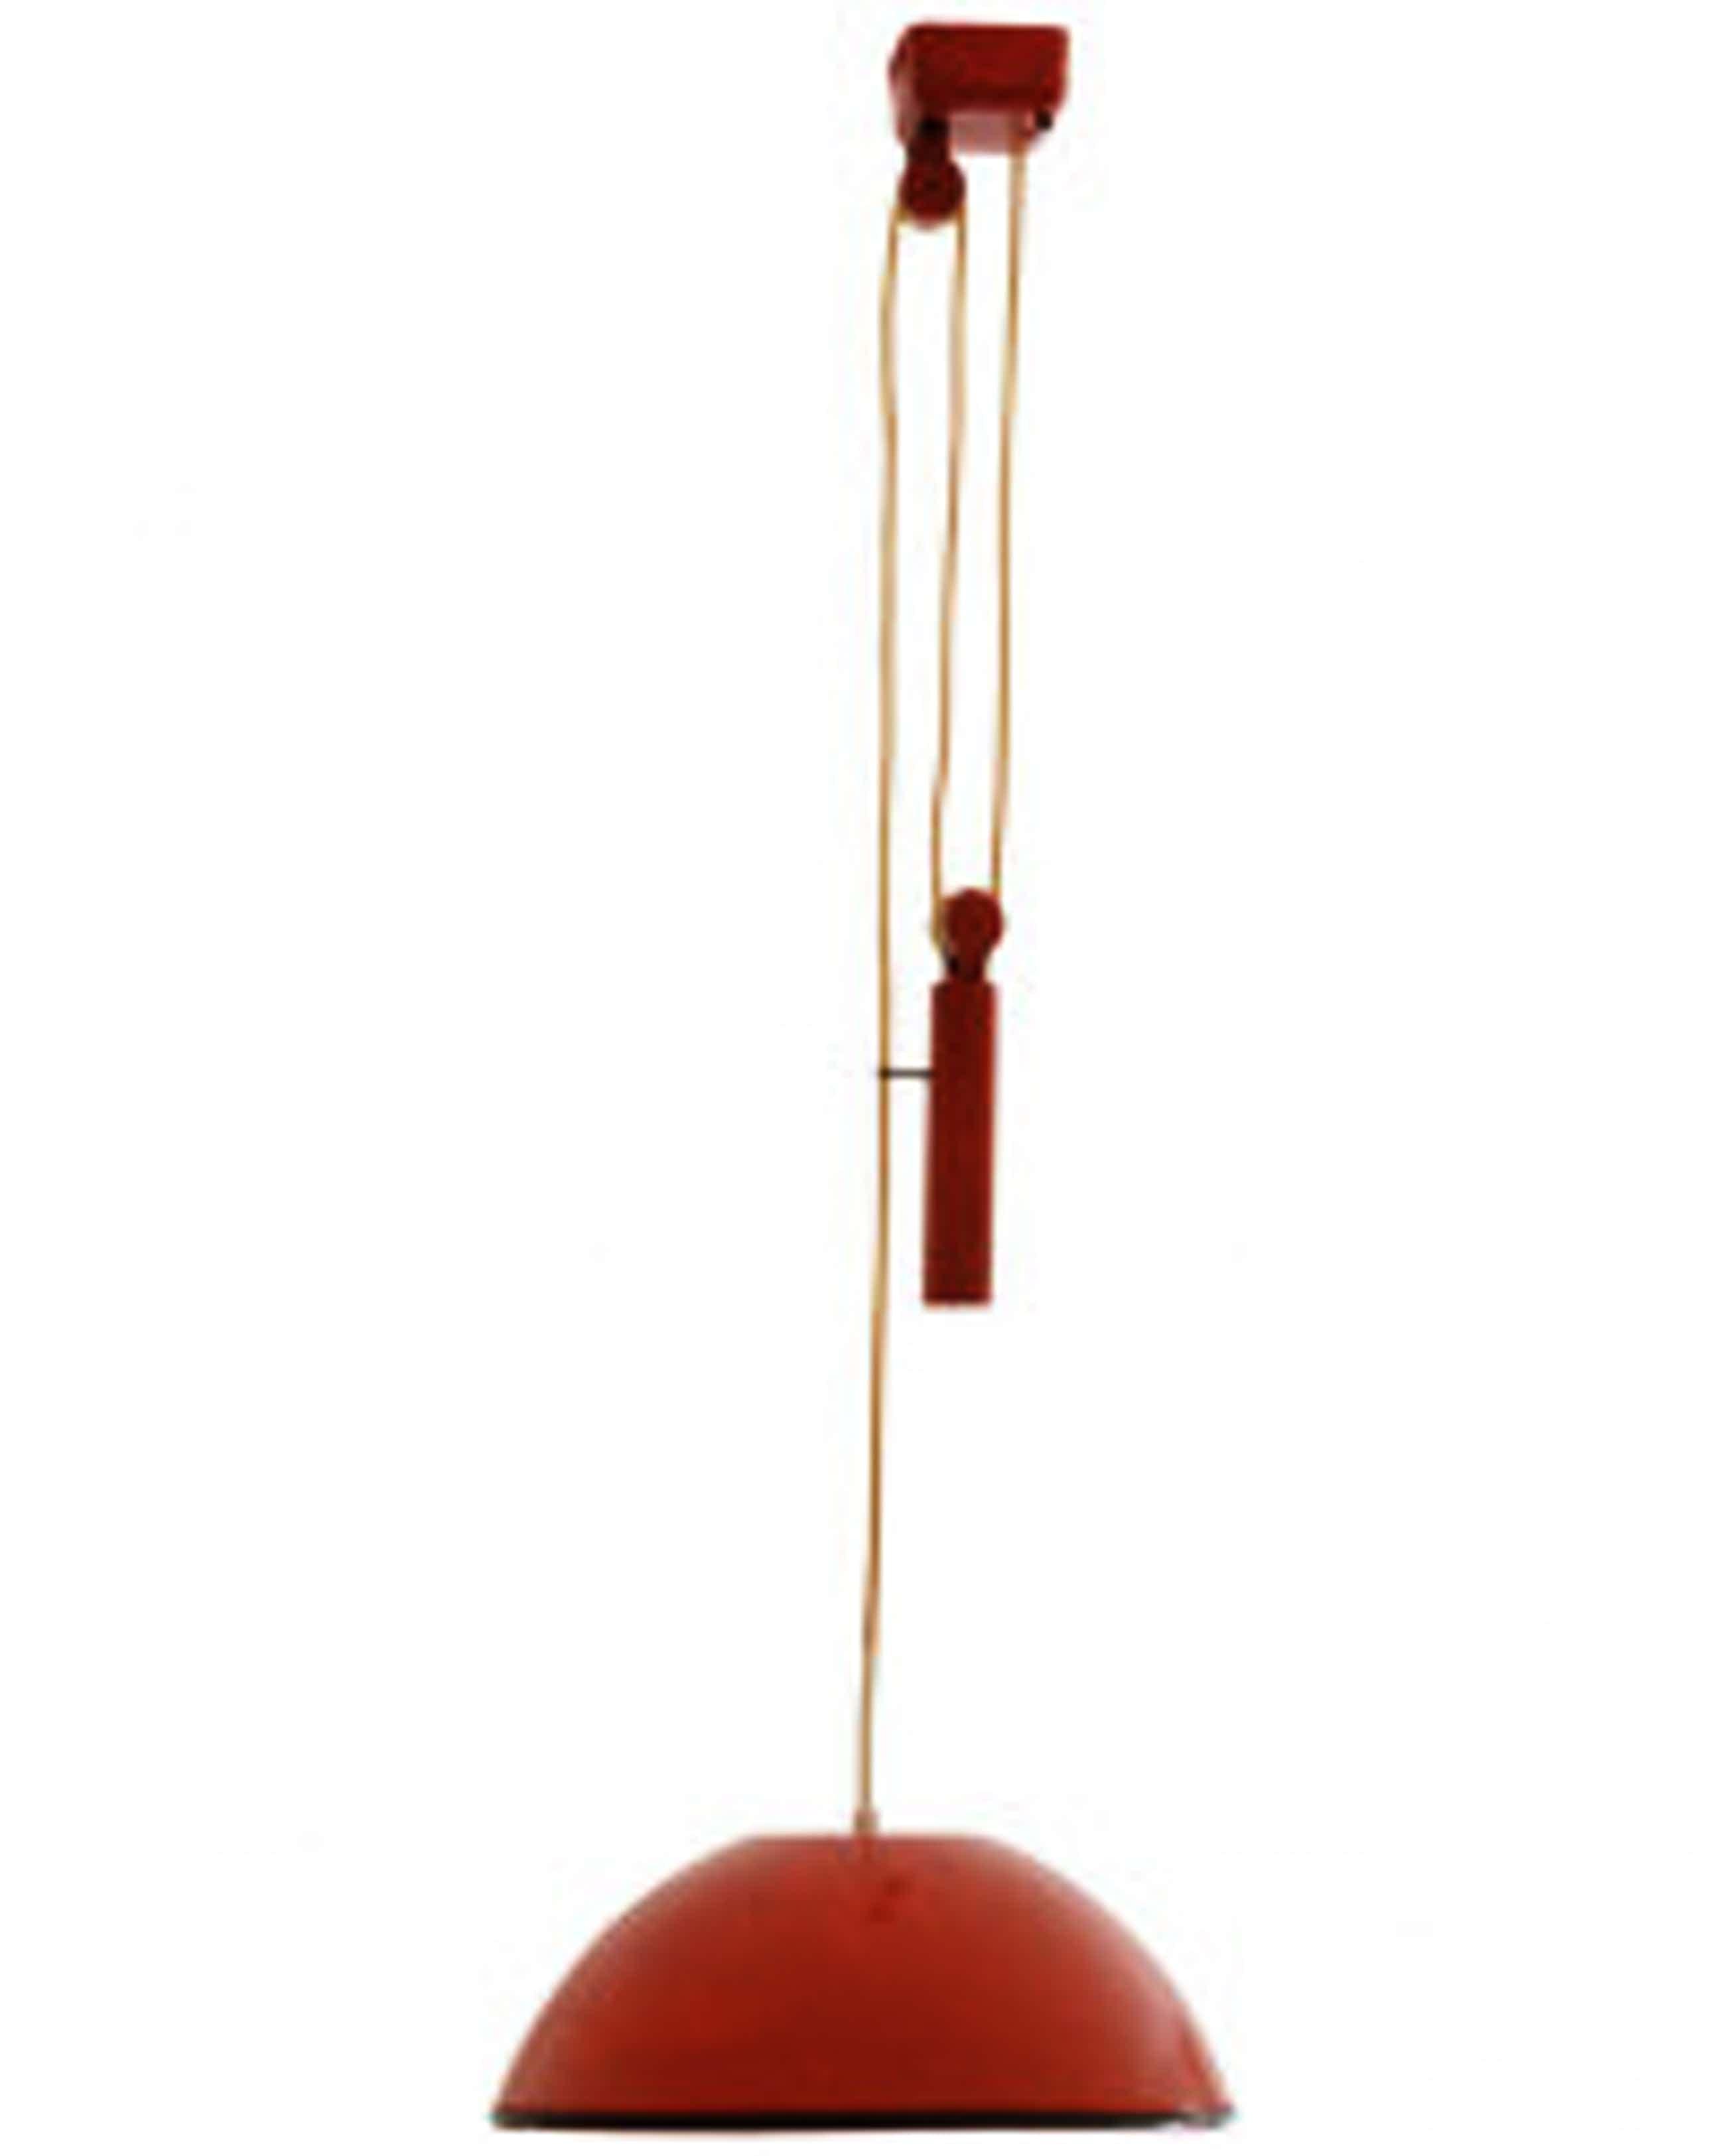 Achille CASTIGLIONI - Rellemme pendant (Flos) kopen? Bied vanaf 125!